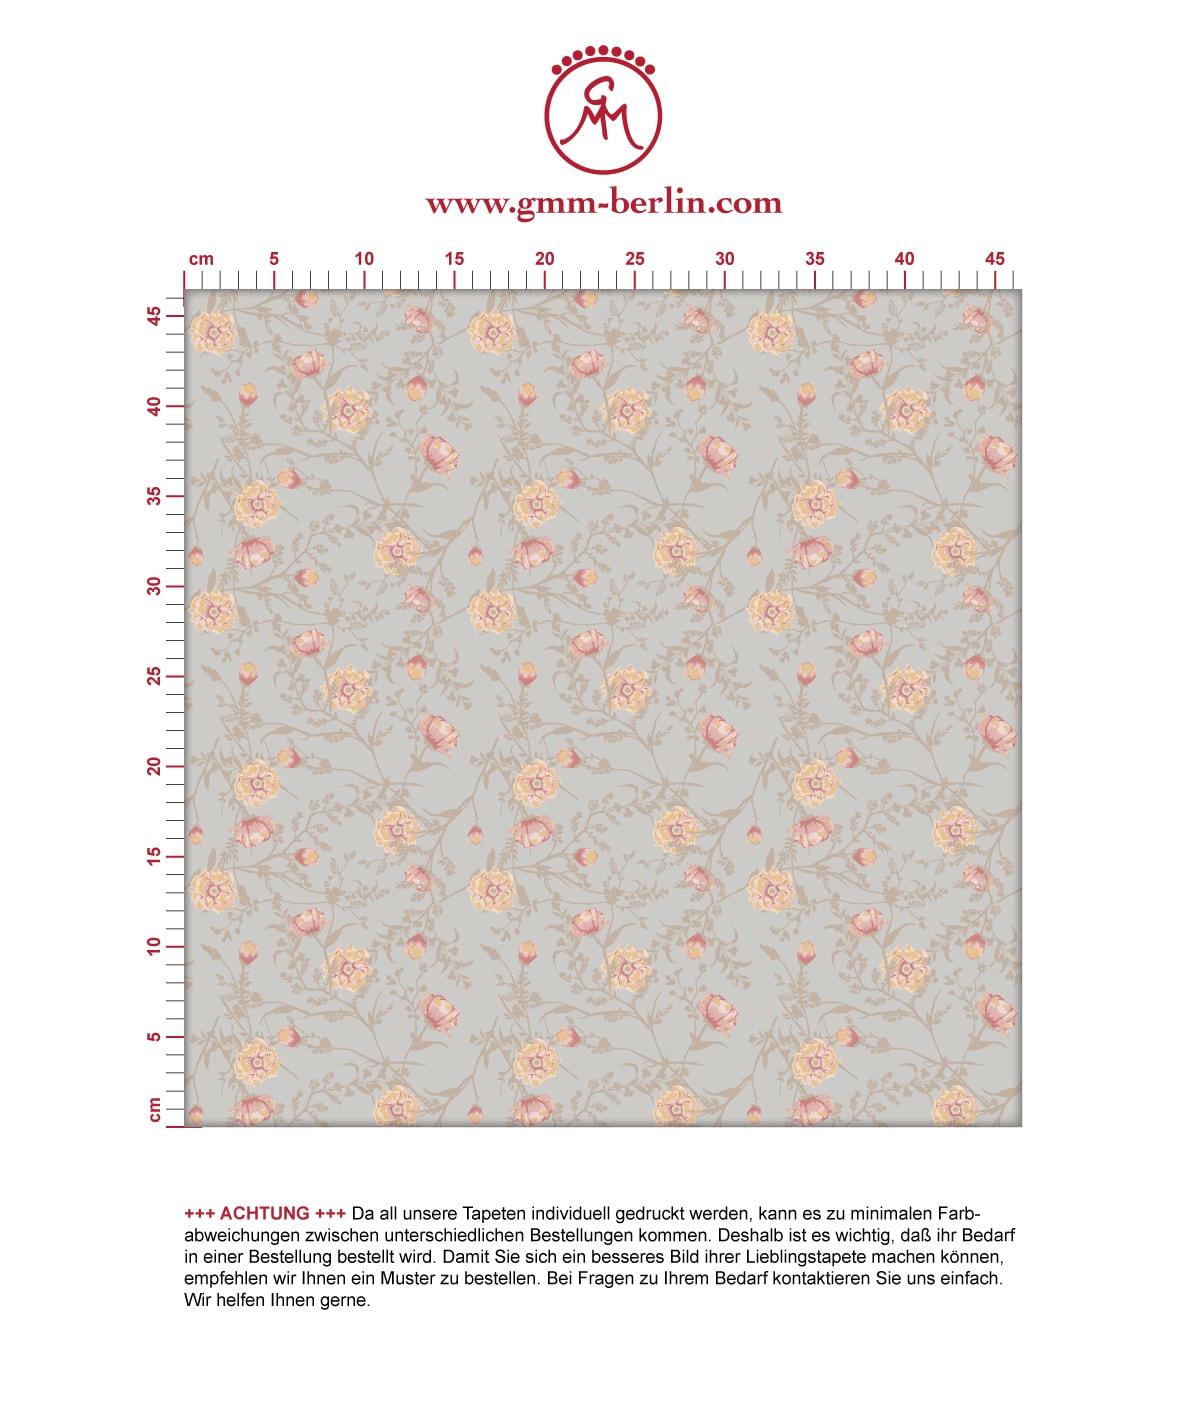 Ranken Blumentapete Printemps in greige, Nostalgietapete als Wandgestaltung. Aus dem GMM-BERLIN.com Sortiment: Schöne Tapeten in der Farbe: hell rosa